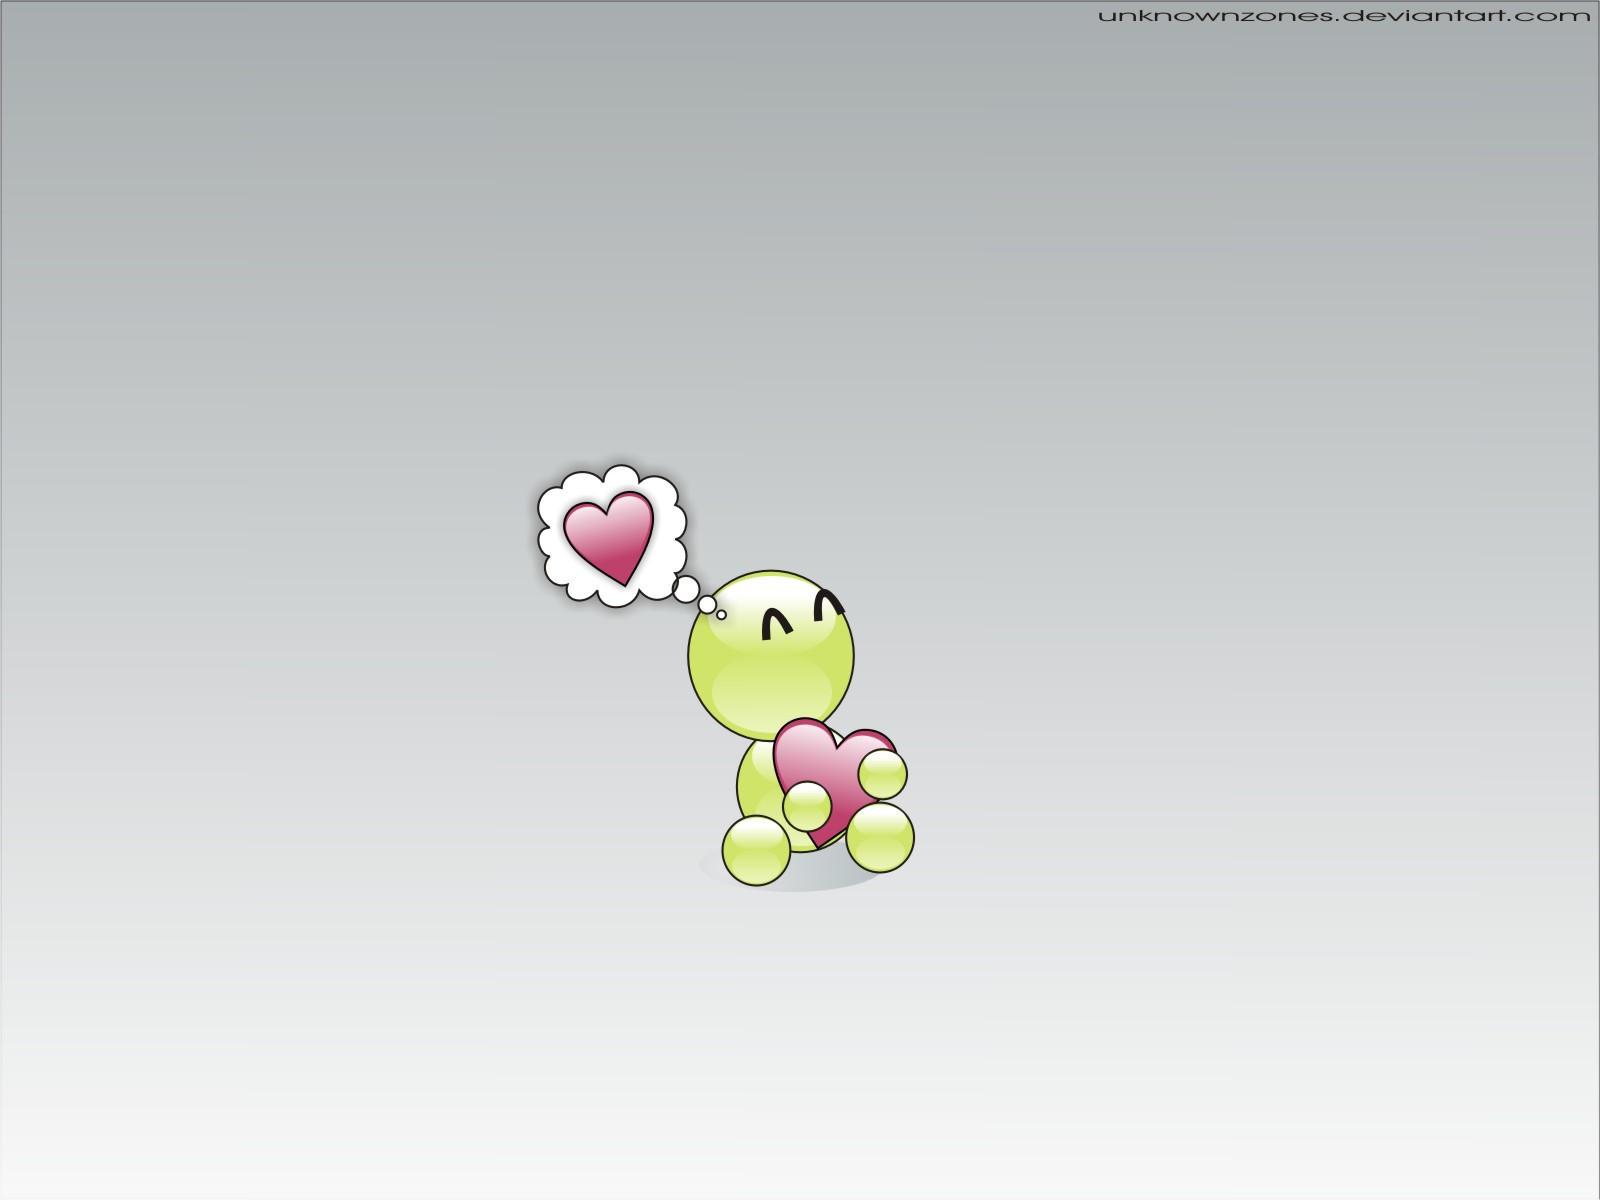 .:Valentine Day:. by UnknowNZonEs